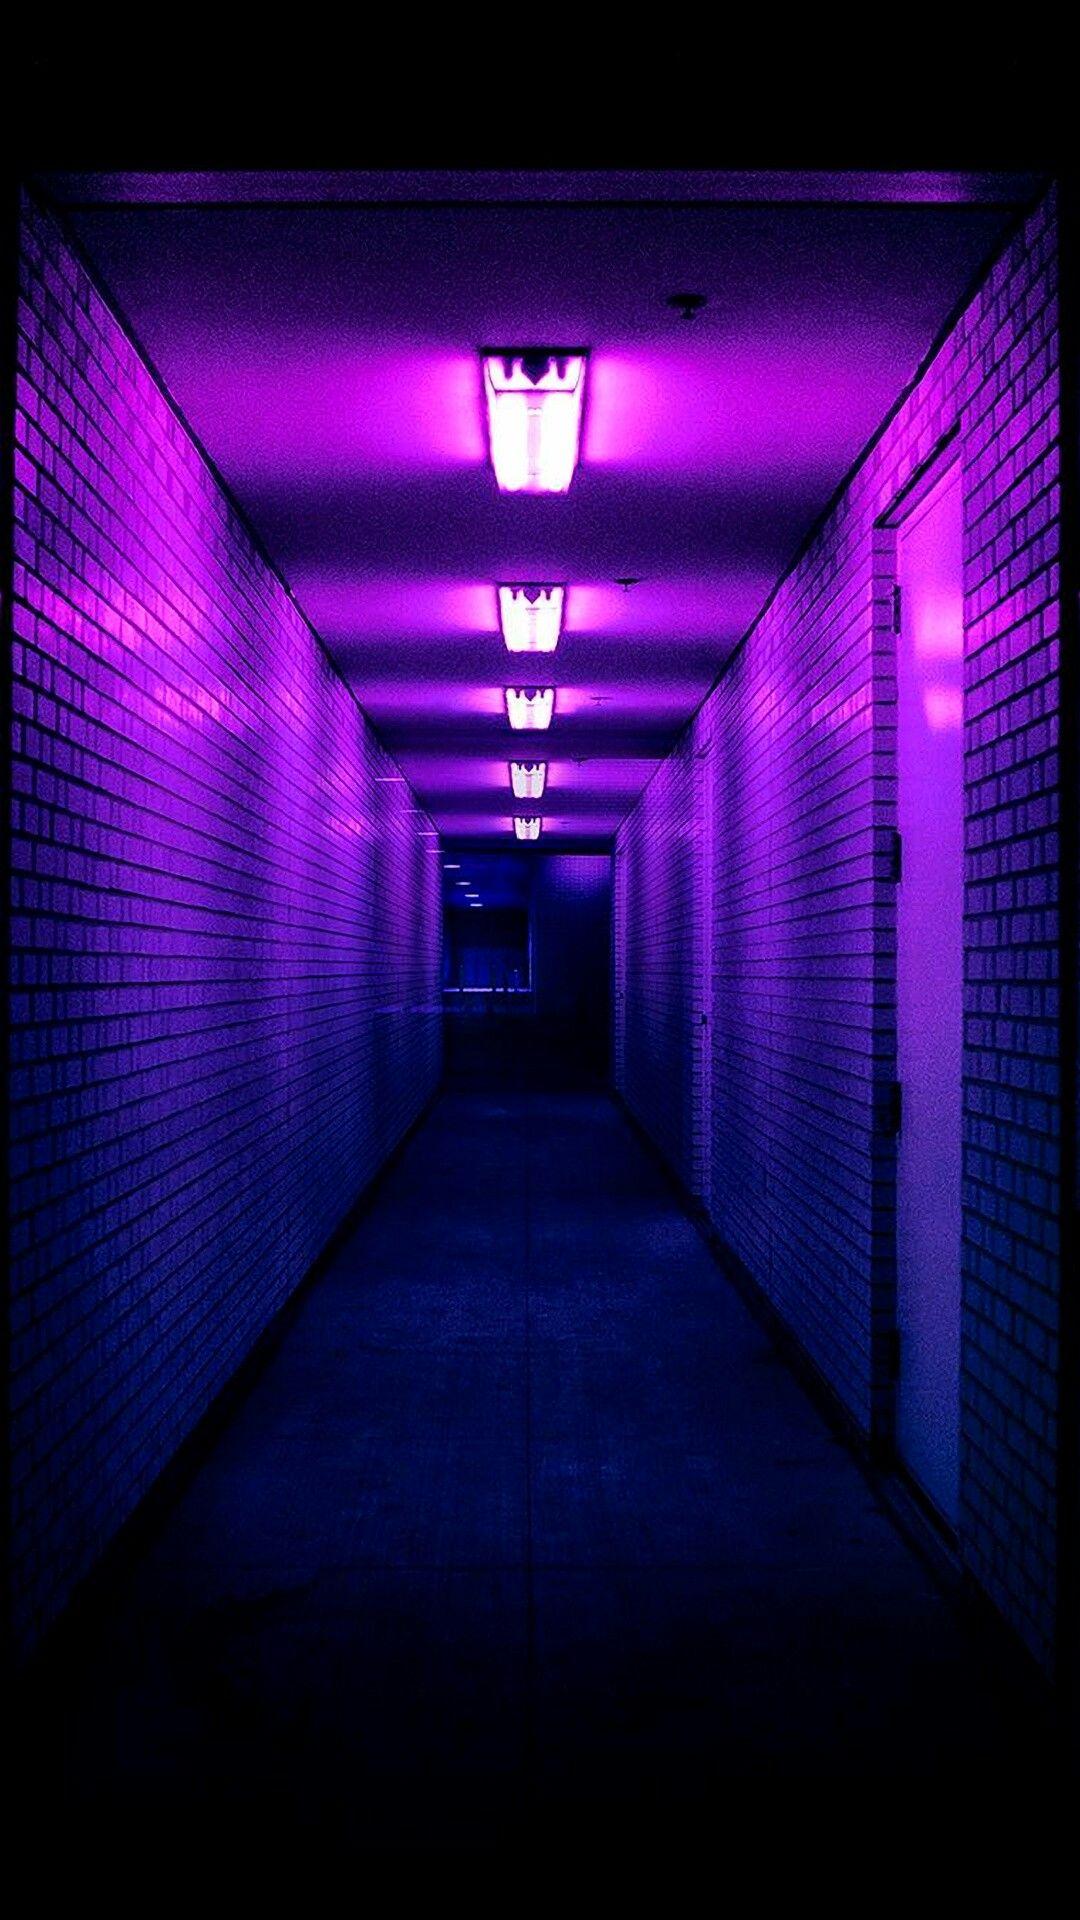 purple otaldojuca purple aesthetic